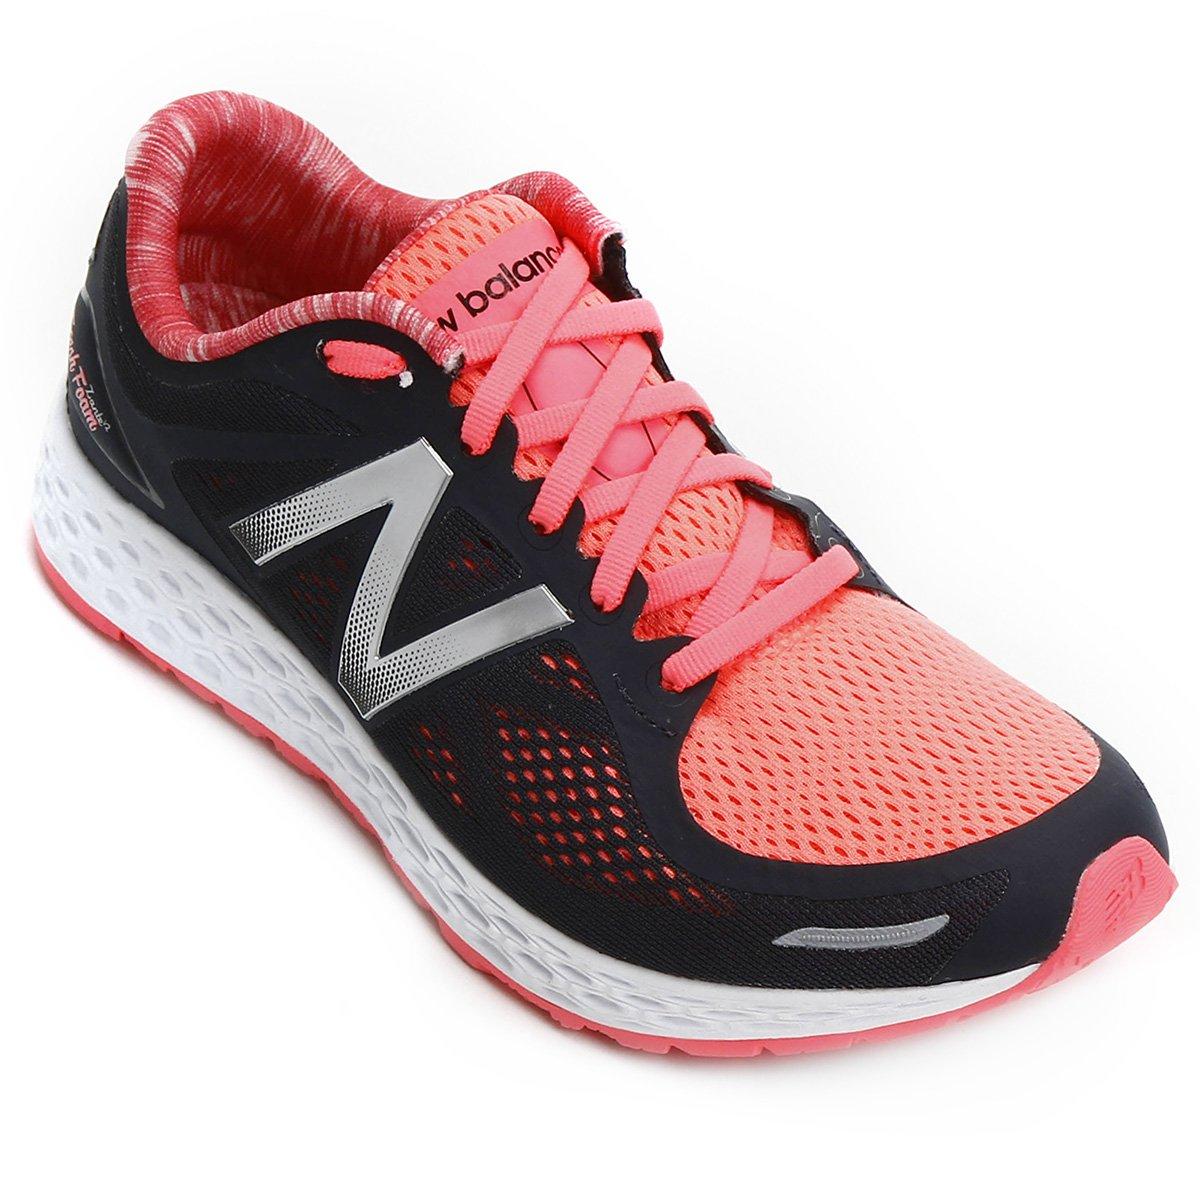 7afab29469 Tênis New Balance Zante V2 Feminino - Compre Agora